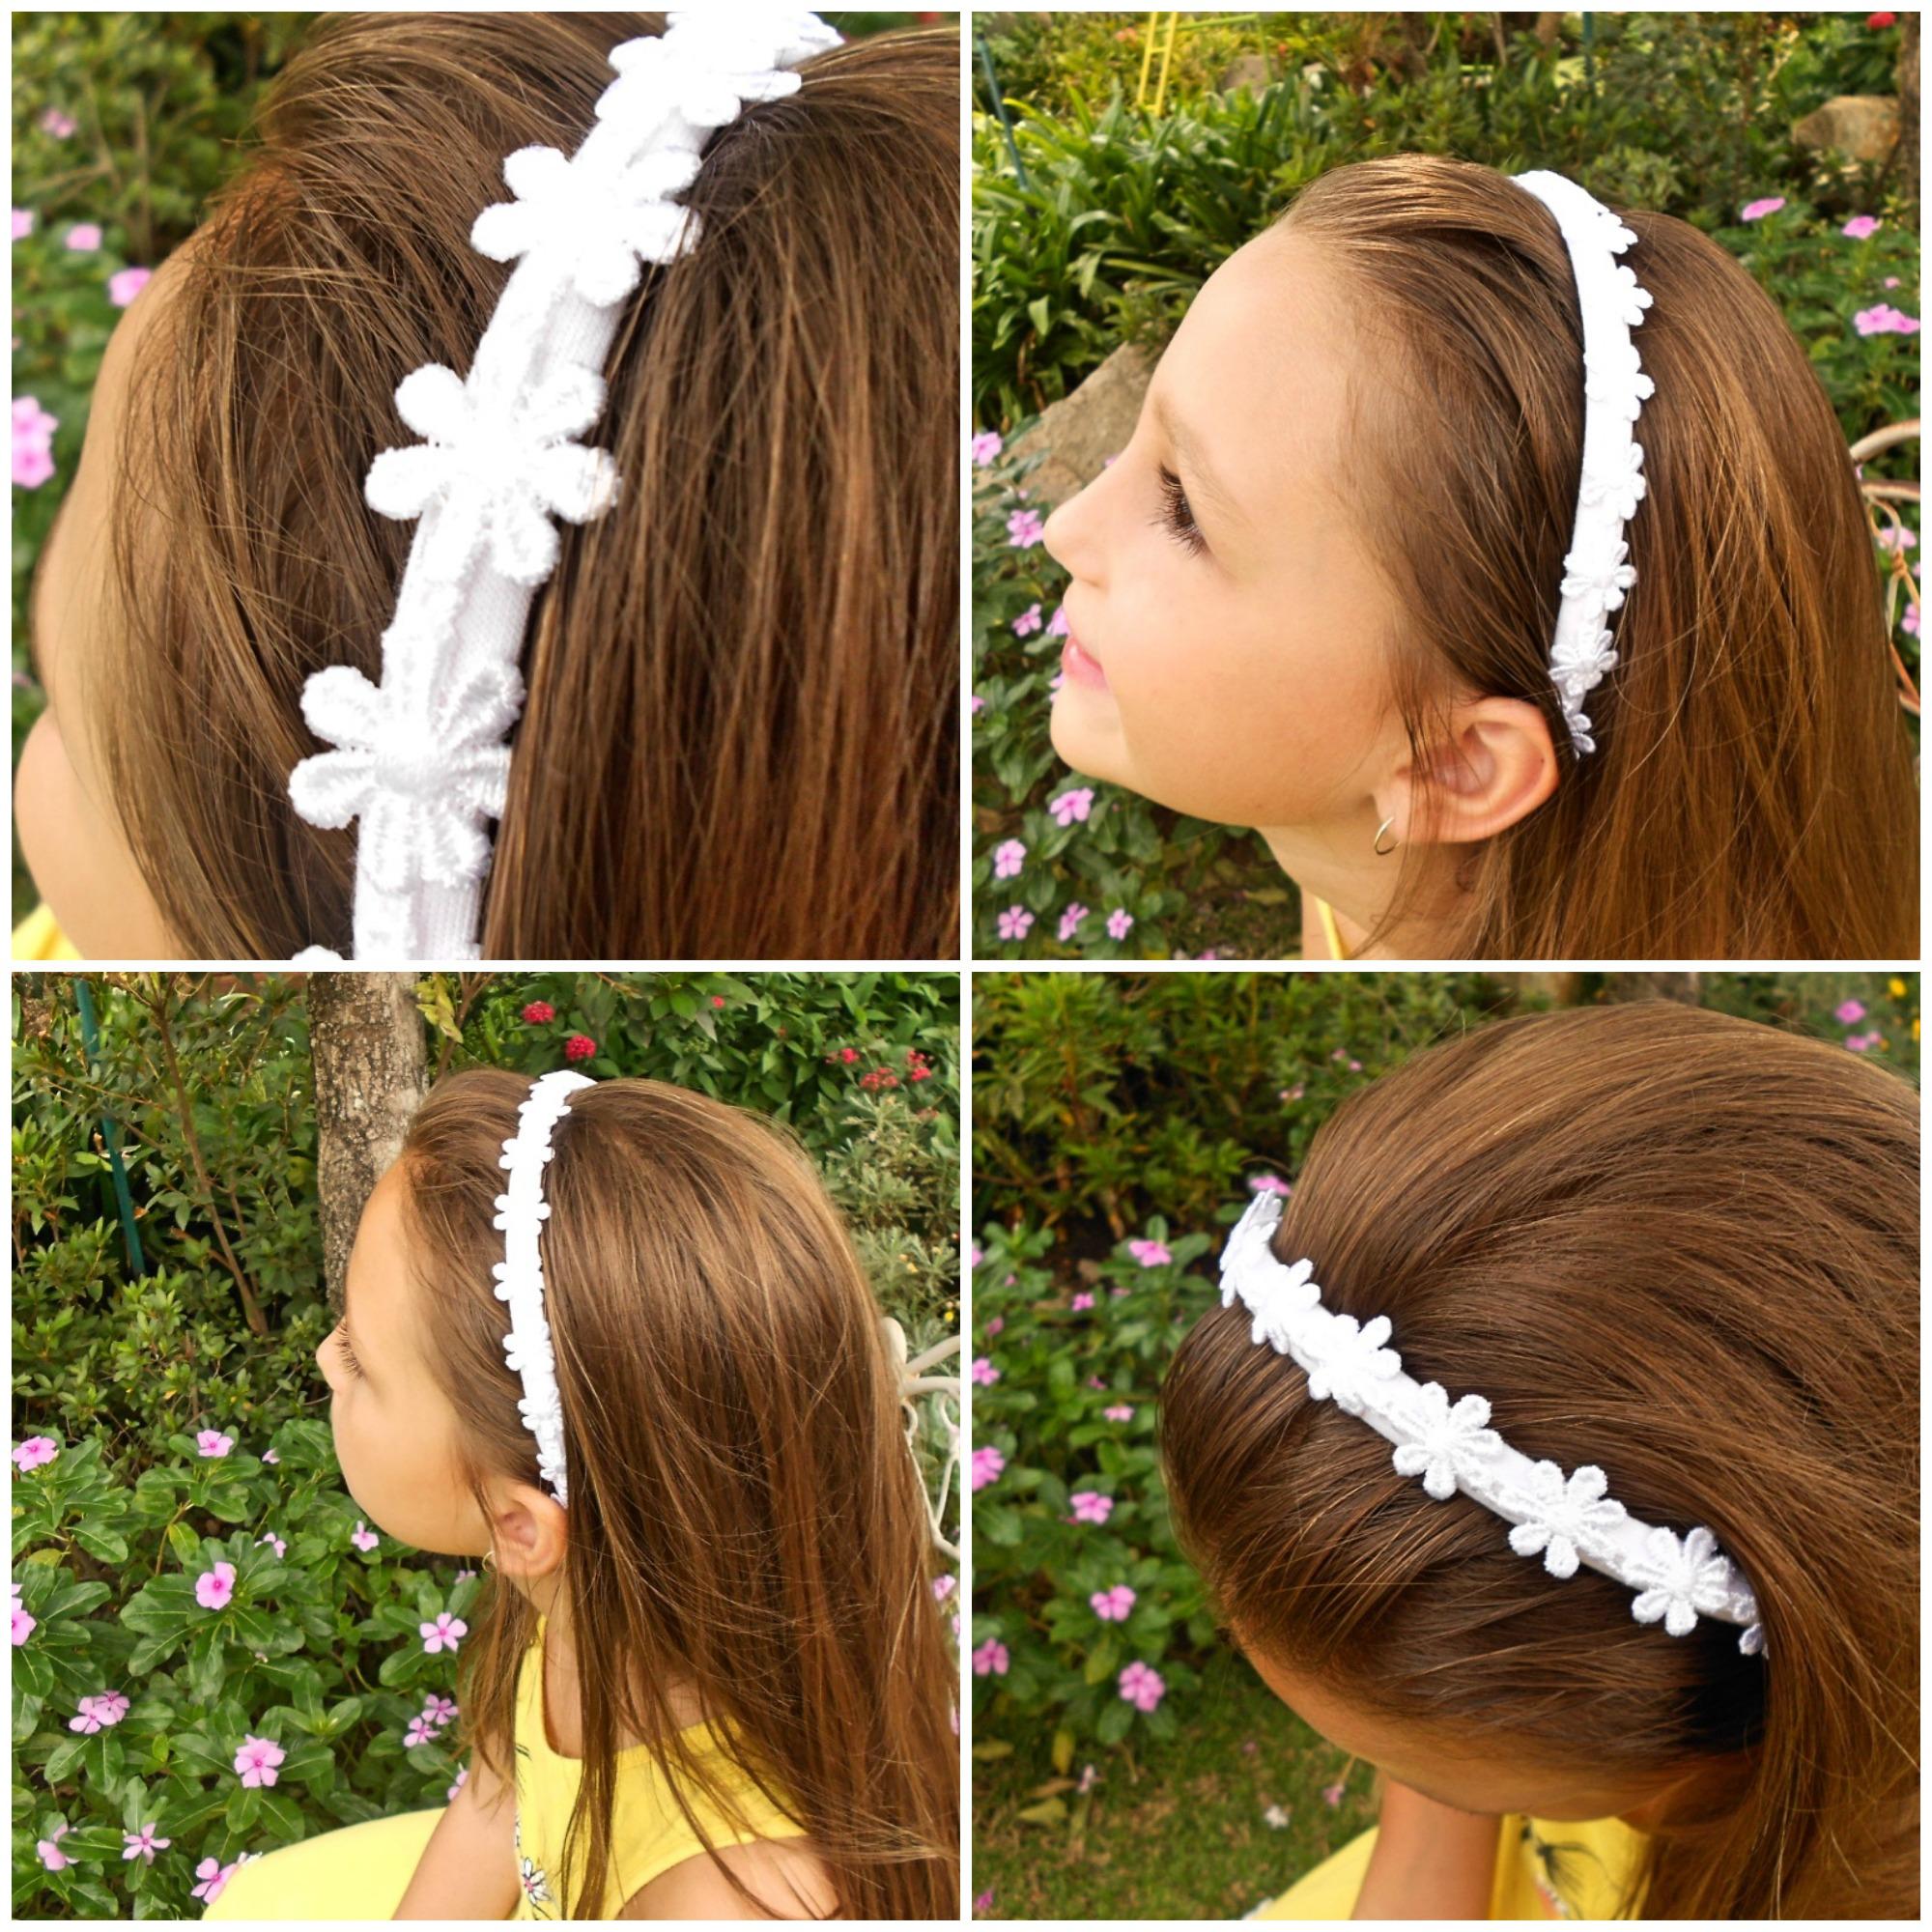 Daisy Headband Tutorial by Krazy Kitzy